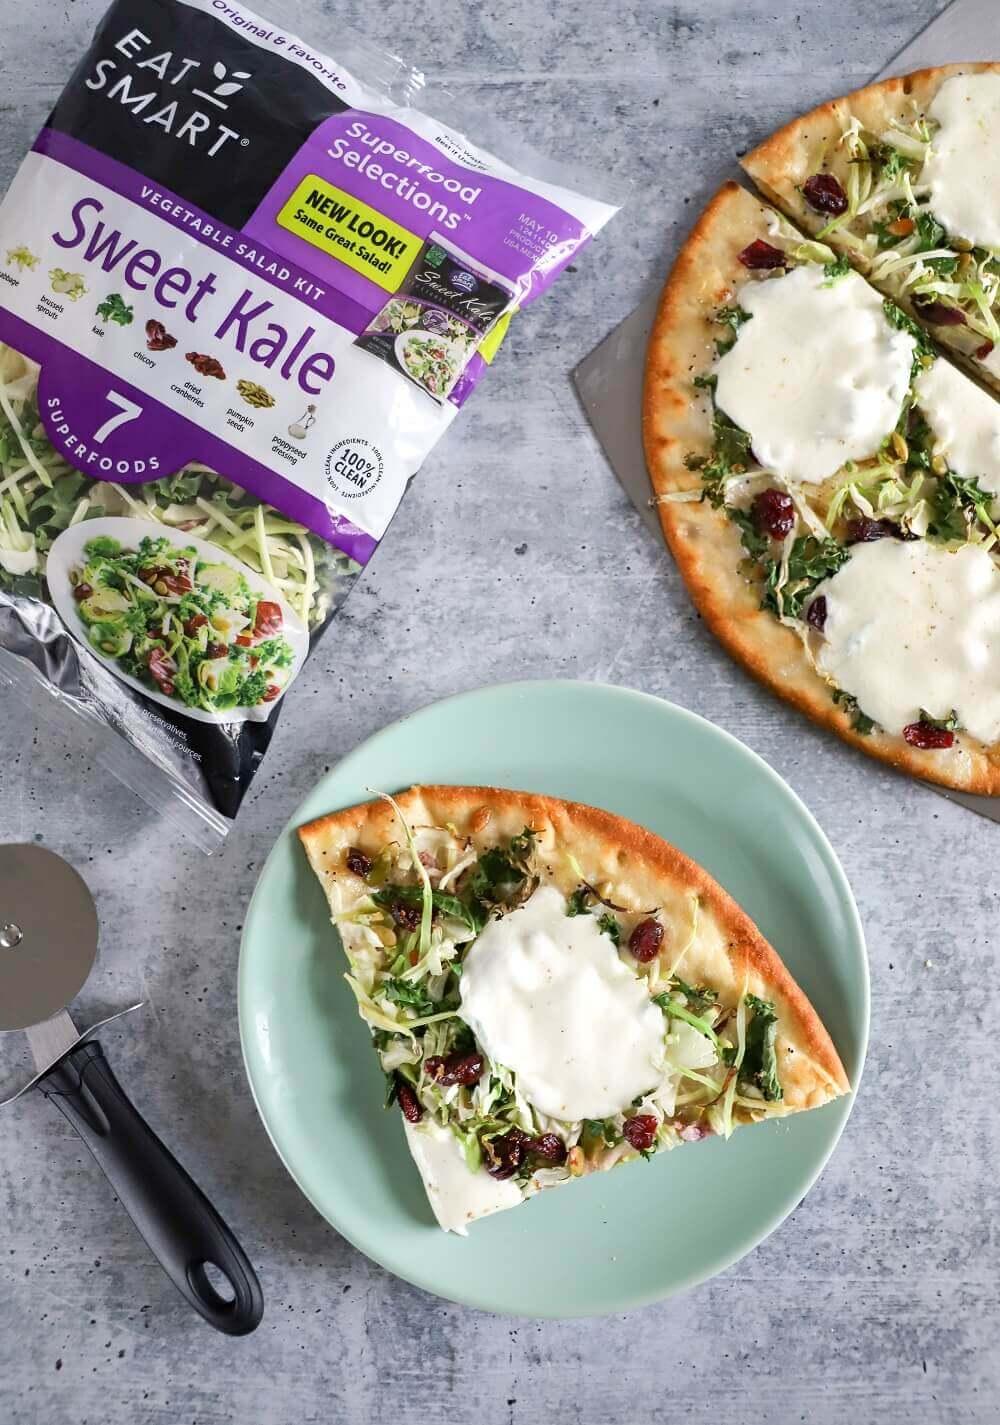 Sweet Kale Flatbread Pizza and Salad